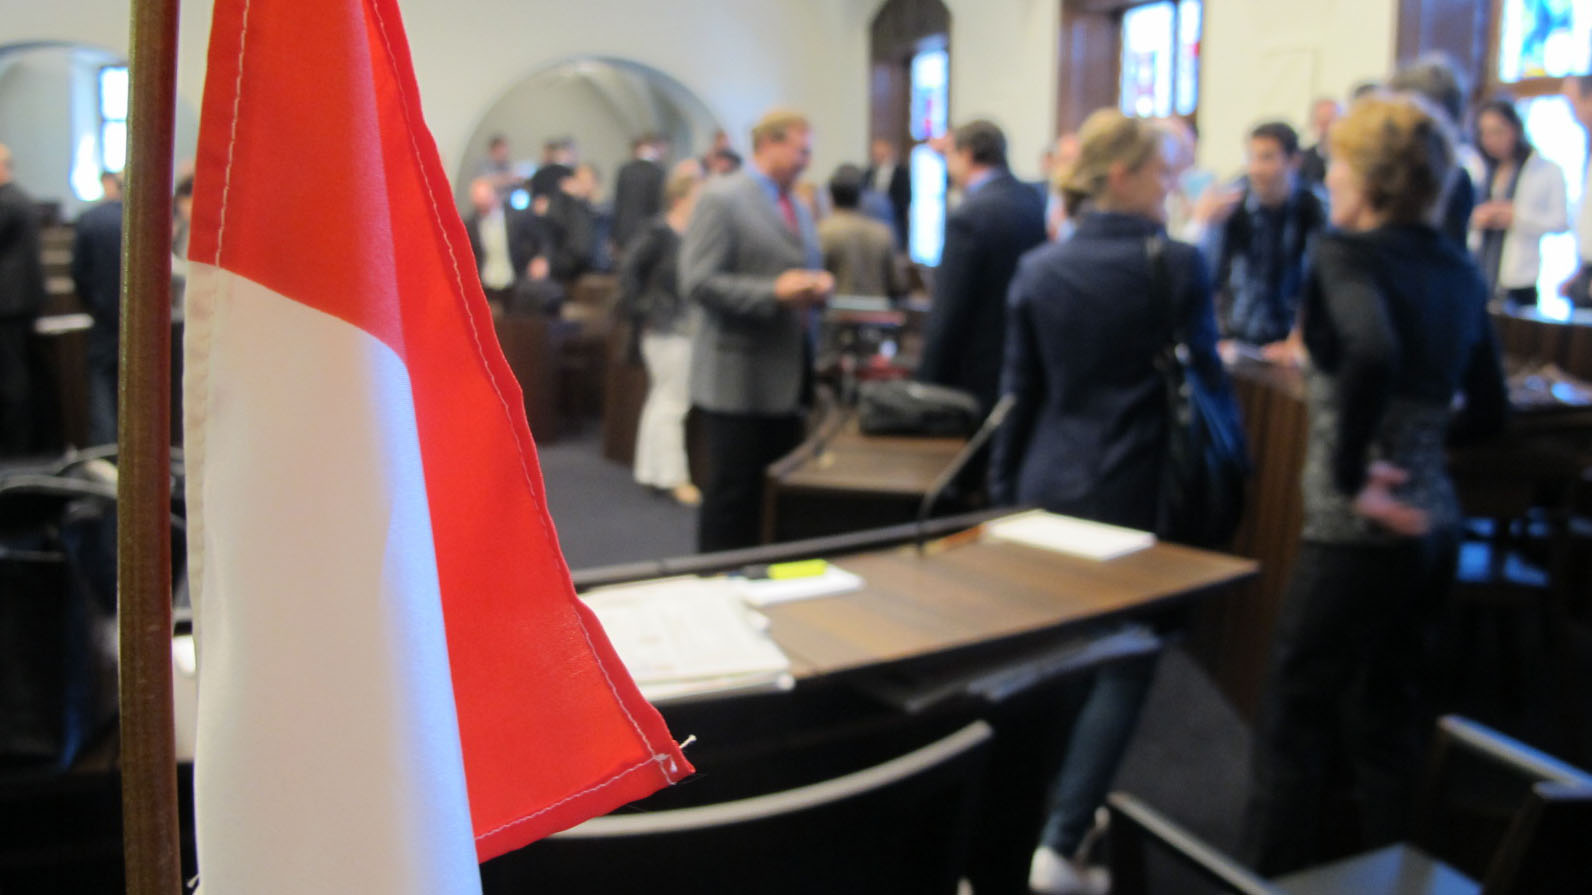 Prämienverbilligung: Kantonsrat überlässt den Entscheid dem Volk